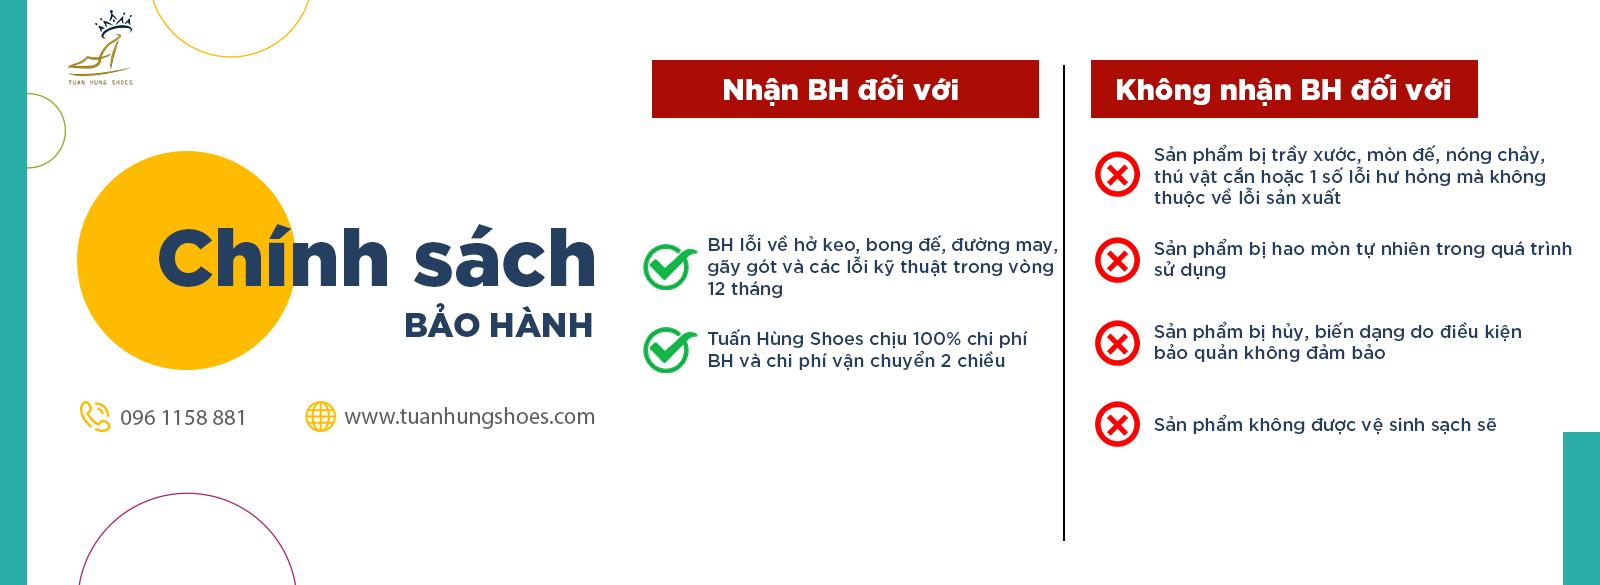 chinh sach bao hanh tuan hung shoes